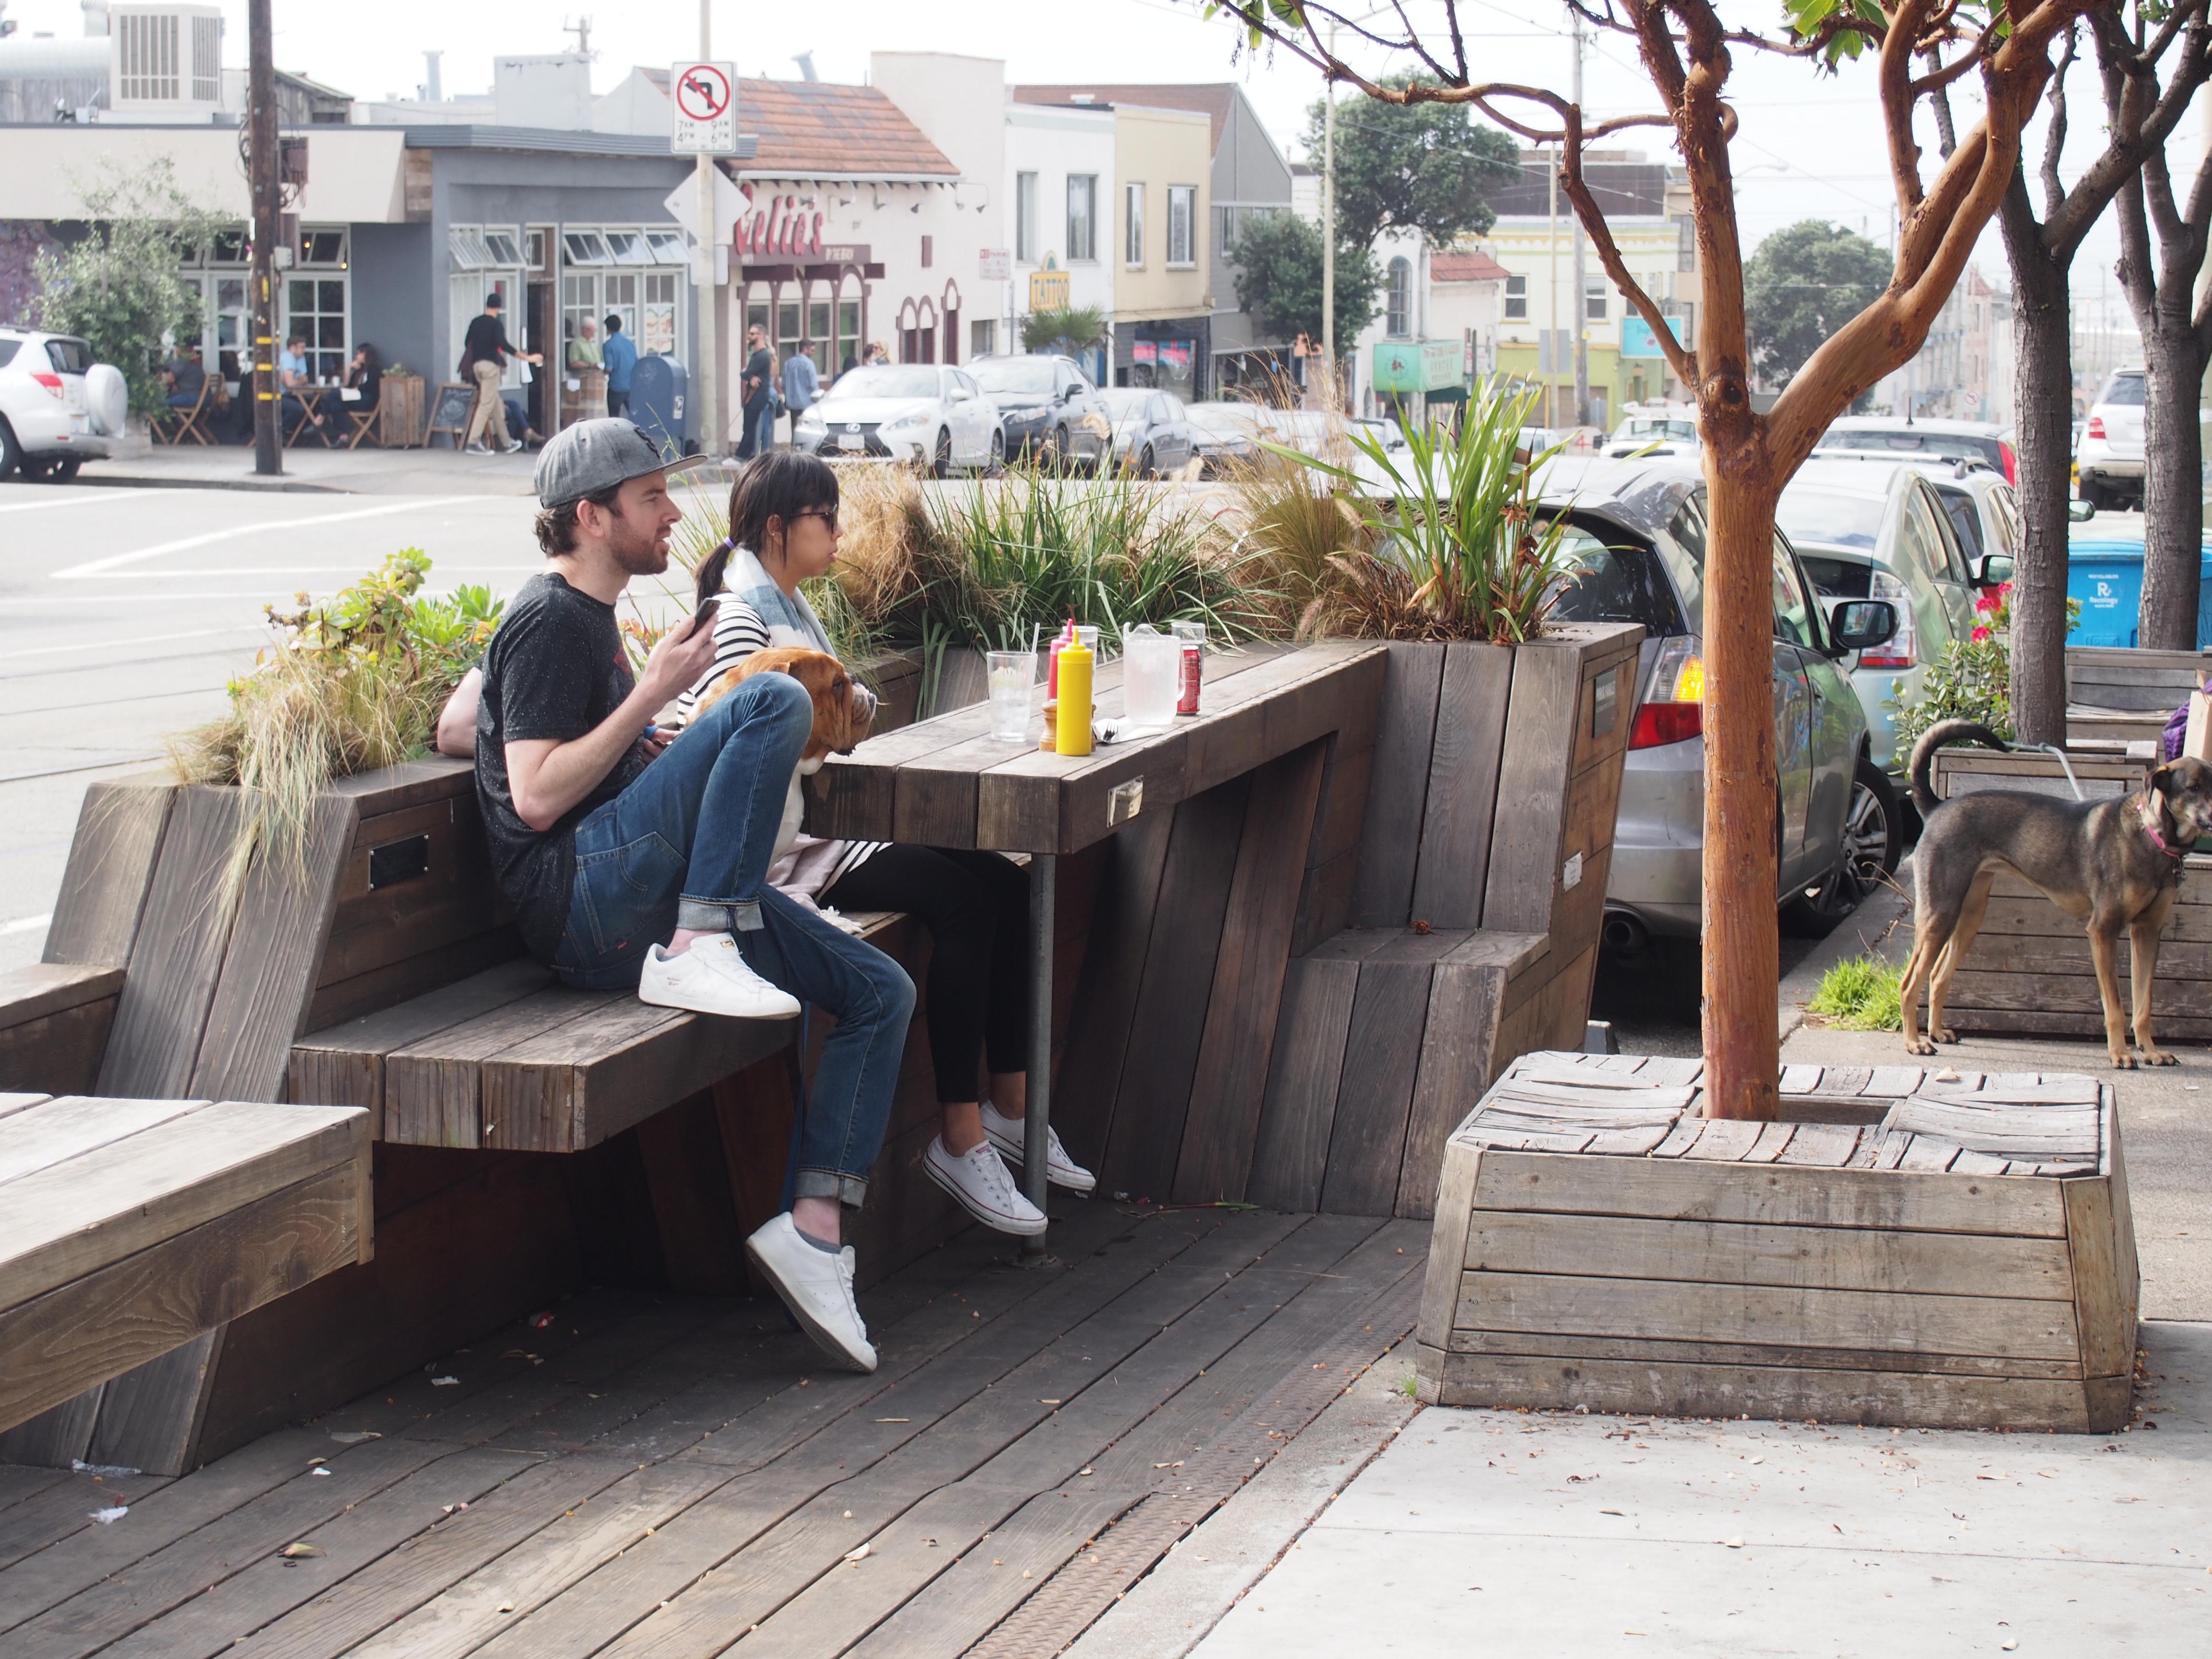 テイクアウトのランチをパークレットで楽しむ人たち。